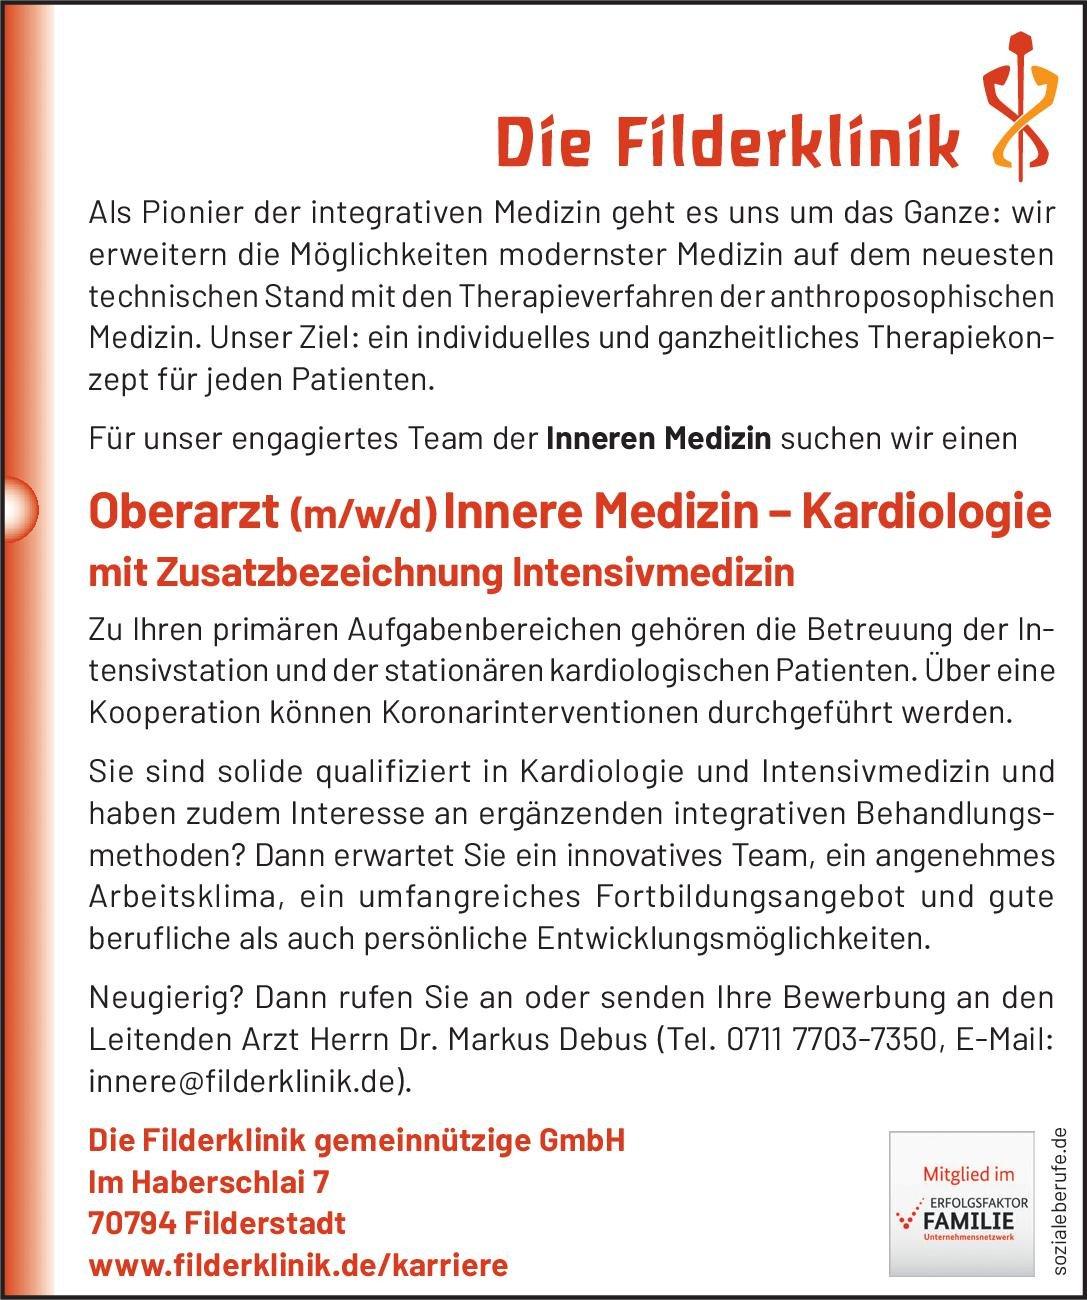 Die Filderklinik gemeinnützige GmbH Oberarzt (m/w/d) Innere Medizin – Kardiologie mit Zusatzbezeichnung Intensivmedizin  Innere Medizin und Kardiologie, Anästhesiologie / Intensivmedizin, Innere Medizin Oberarzt